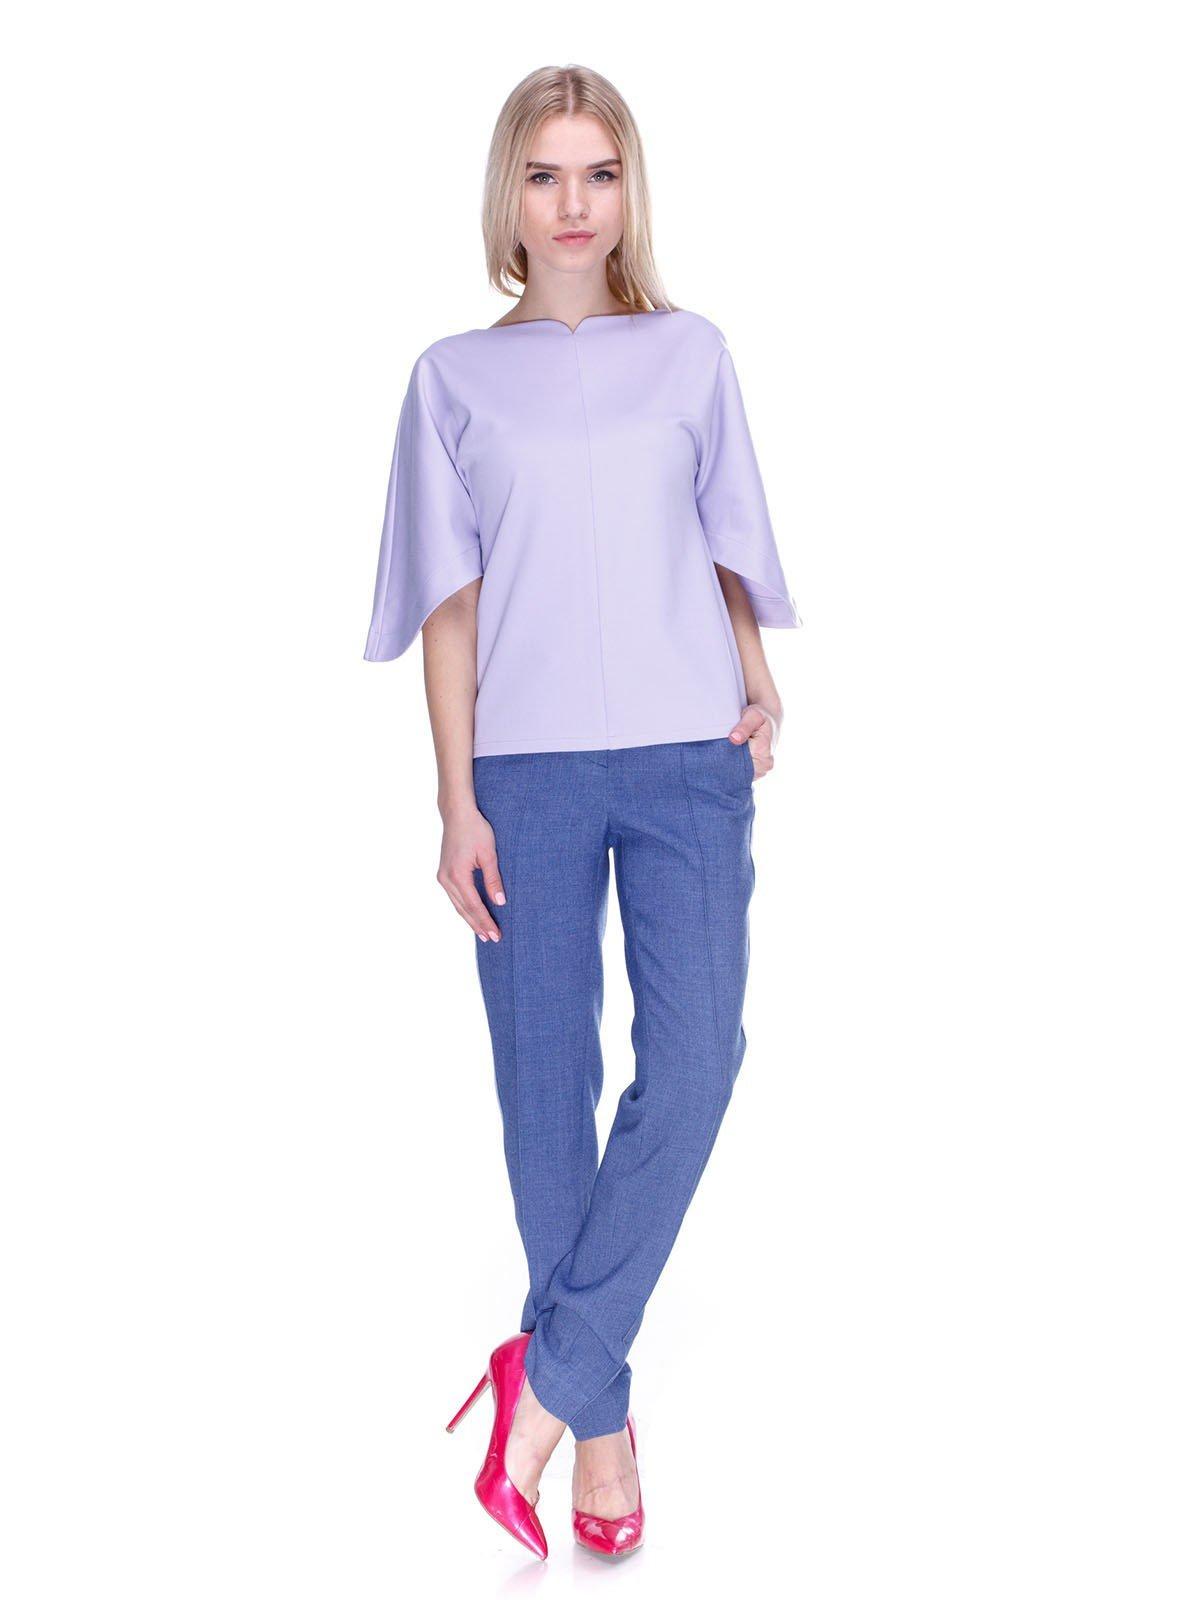 Купить дизайнерскую женскую одежду от Дольчедонна 3369abbdcb16a